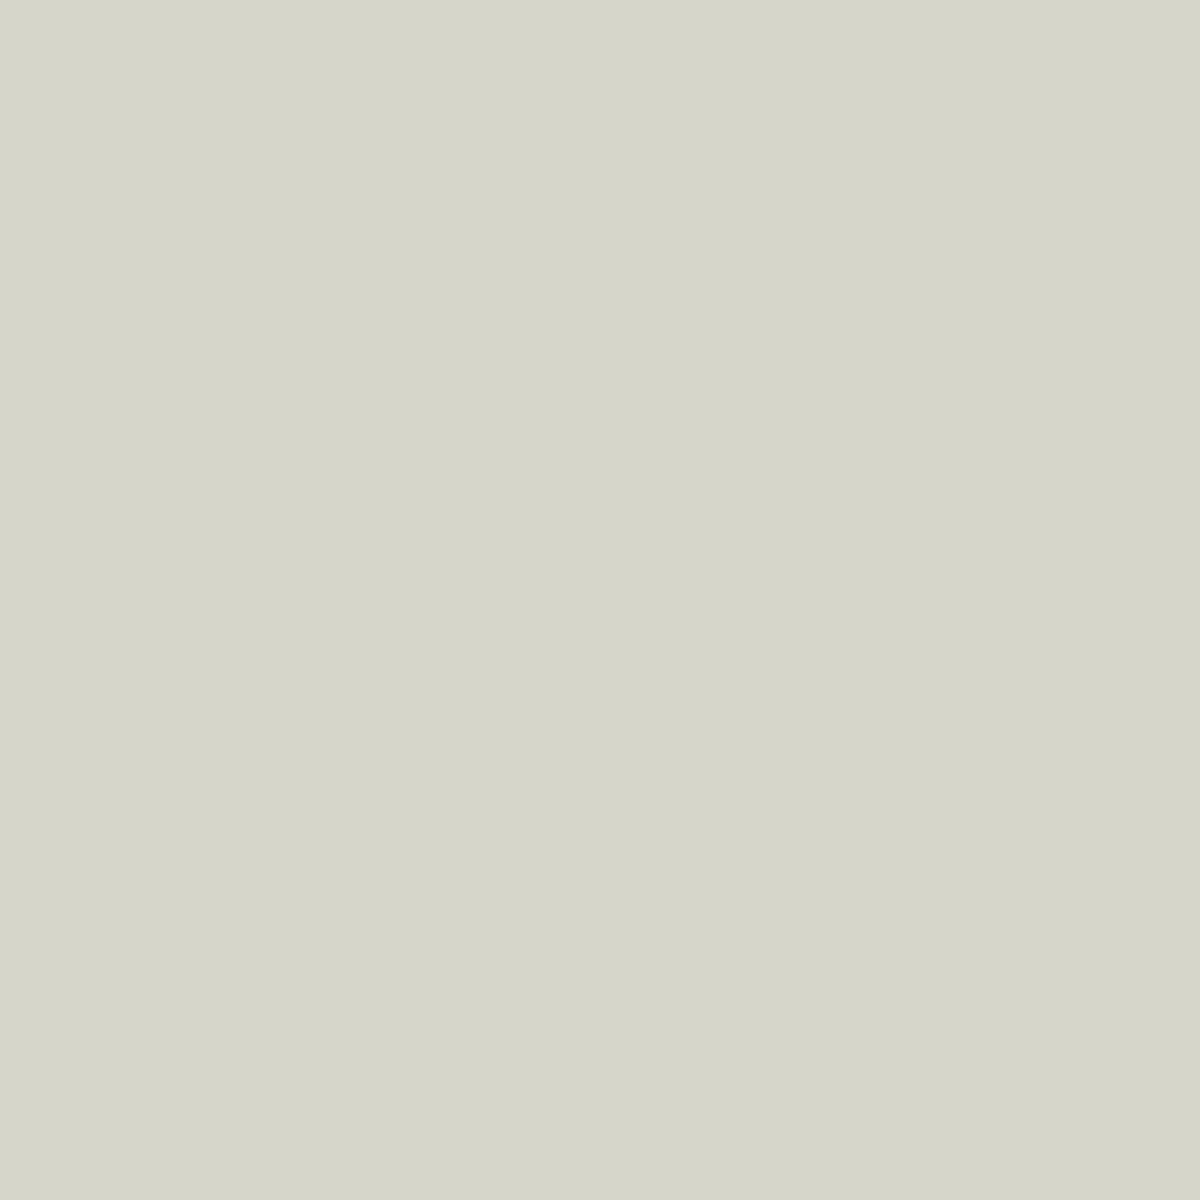 Ironworks Radiators Inc. little greene French grey paint finish